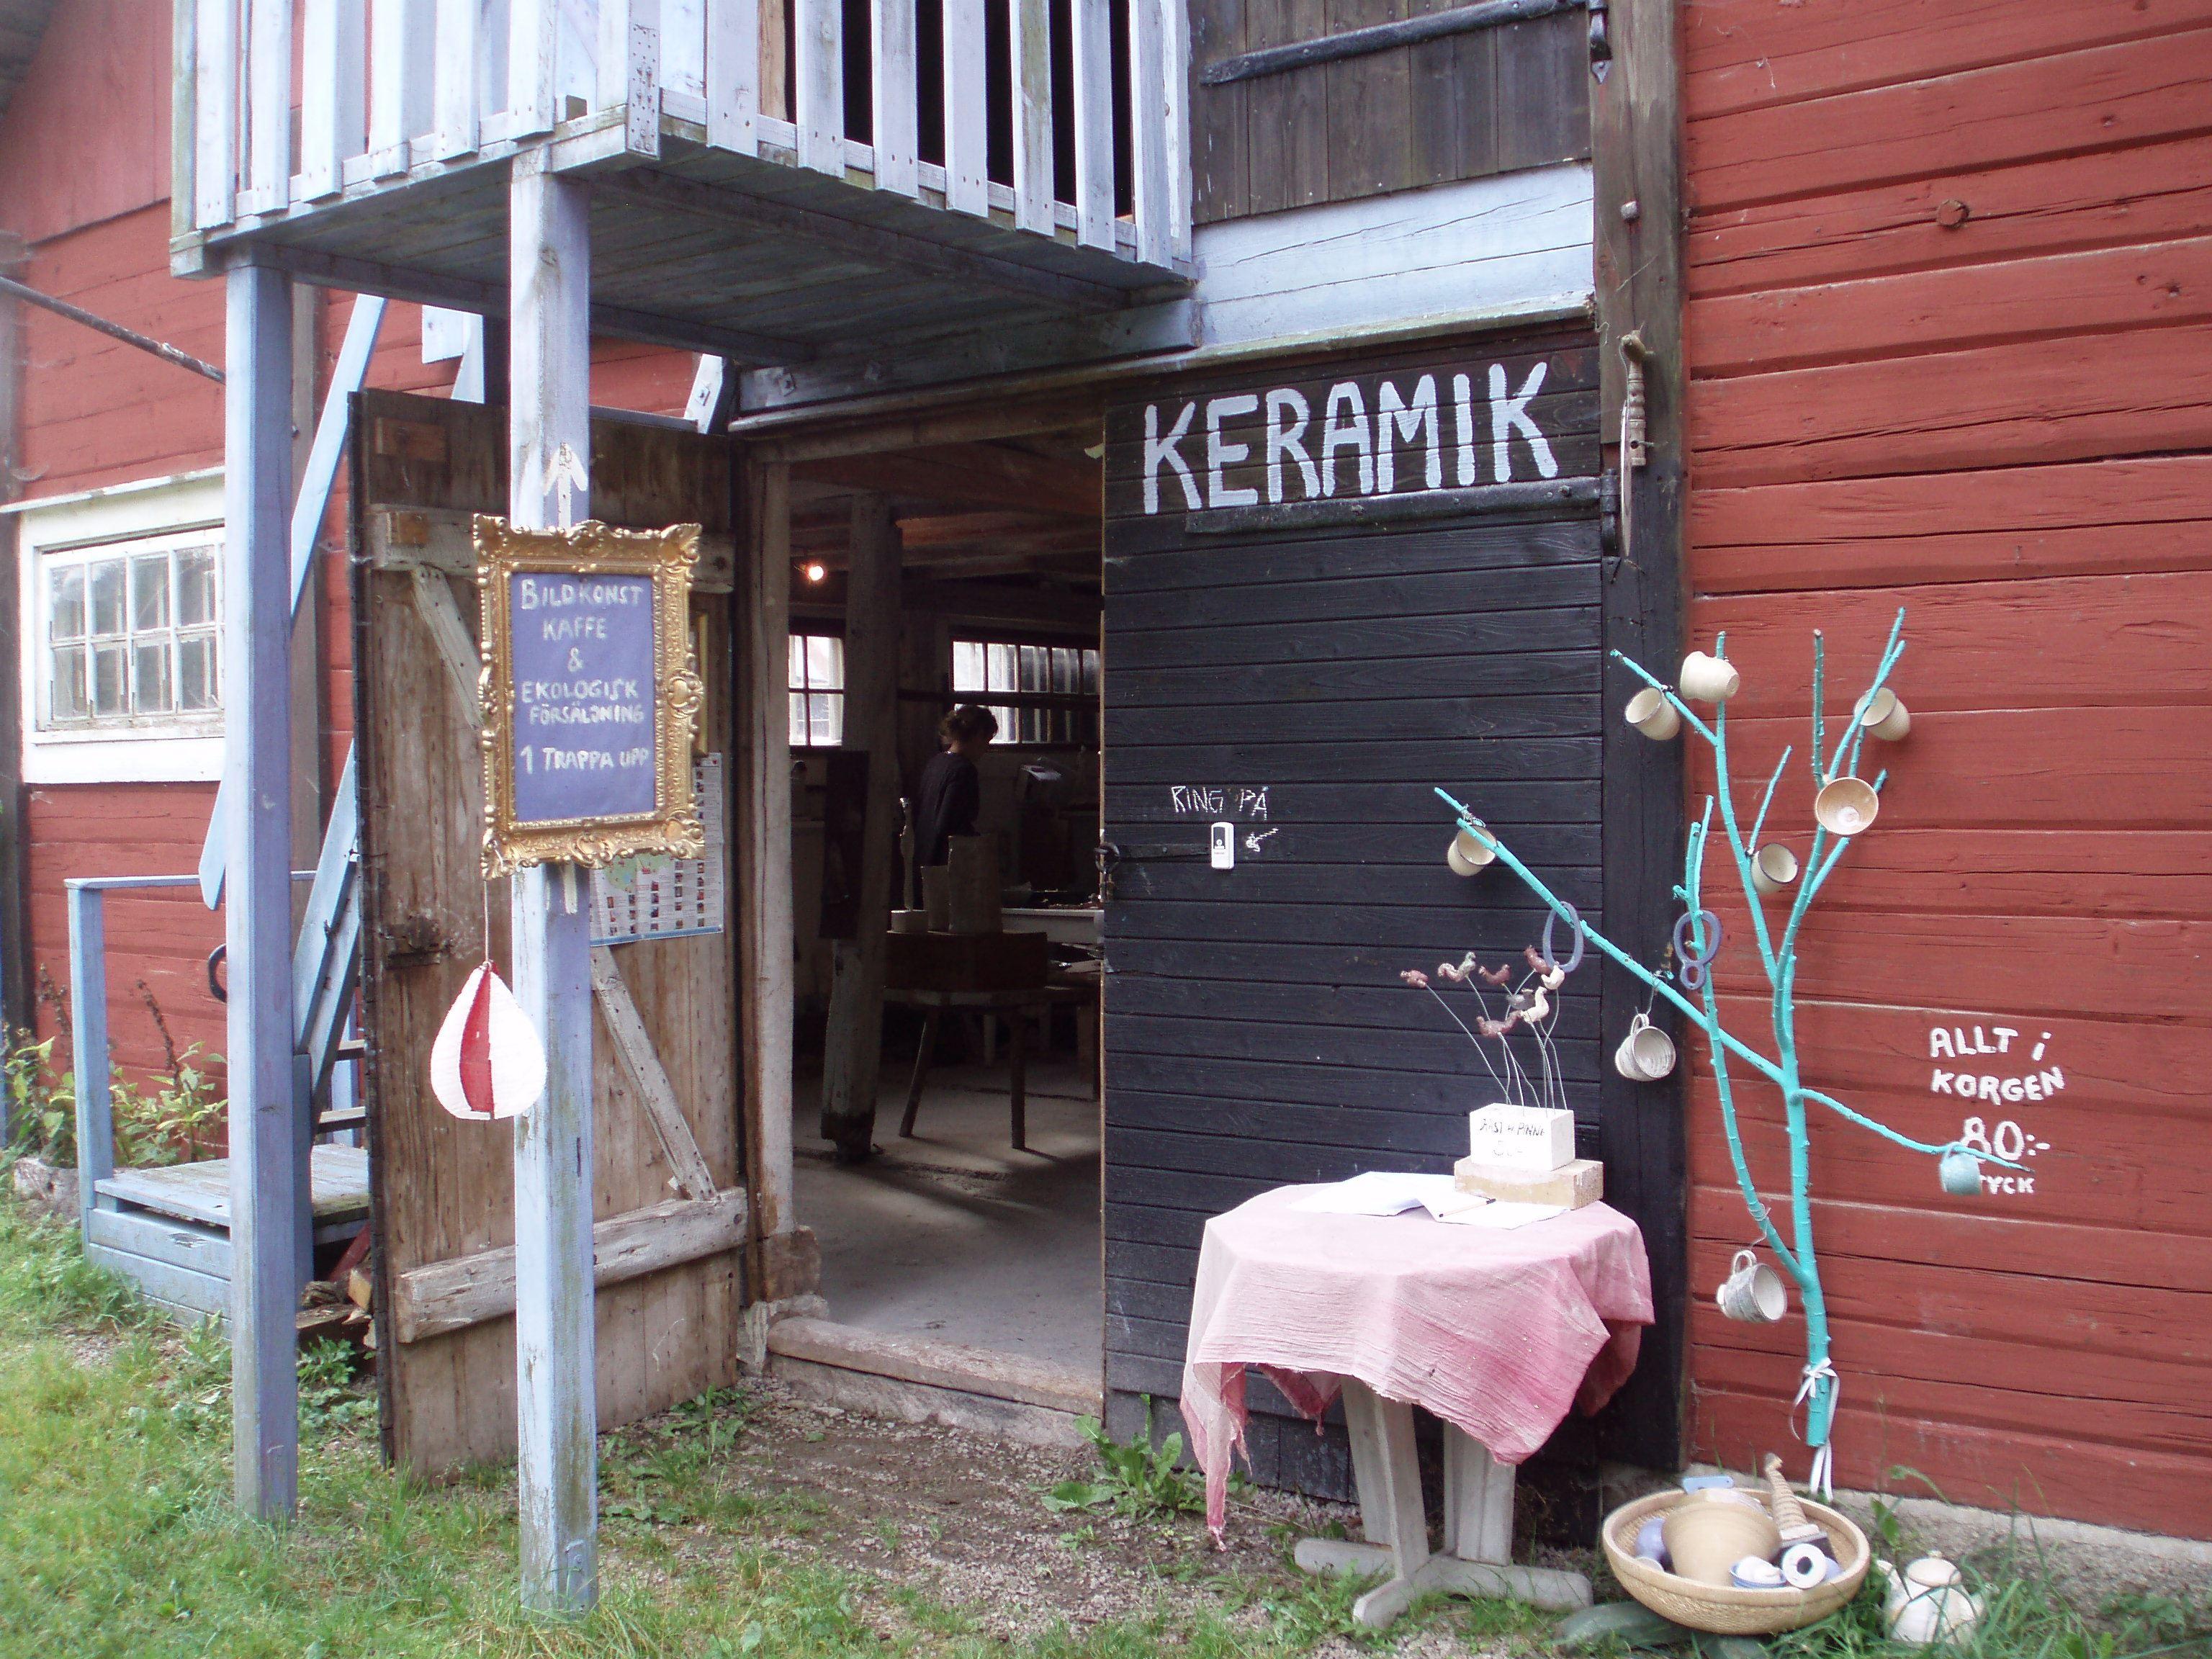 Tingsryds Kommun,  © Tingsryds Kommun, Keramikverkstaden och Ateljén